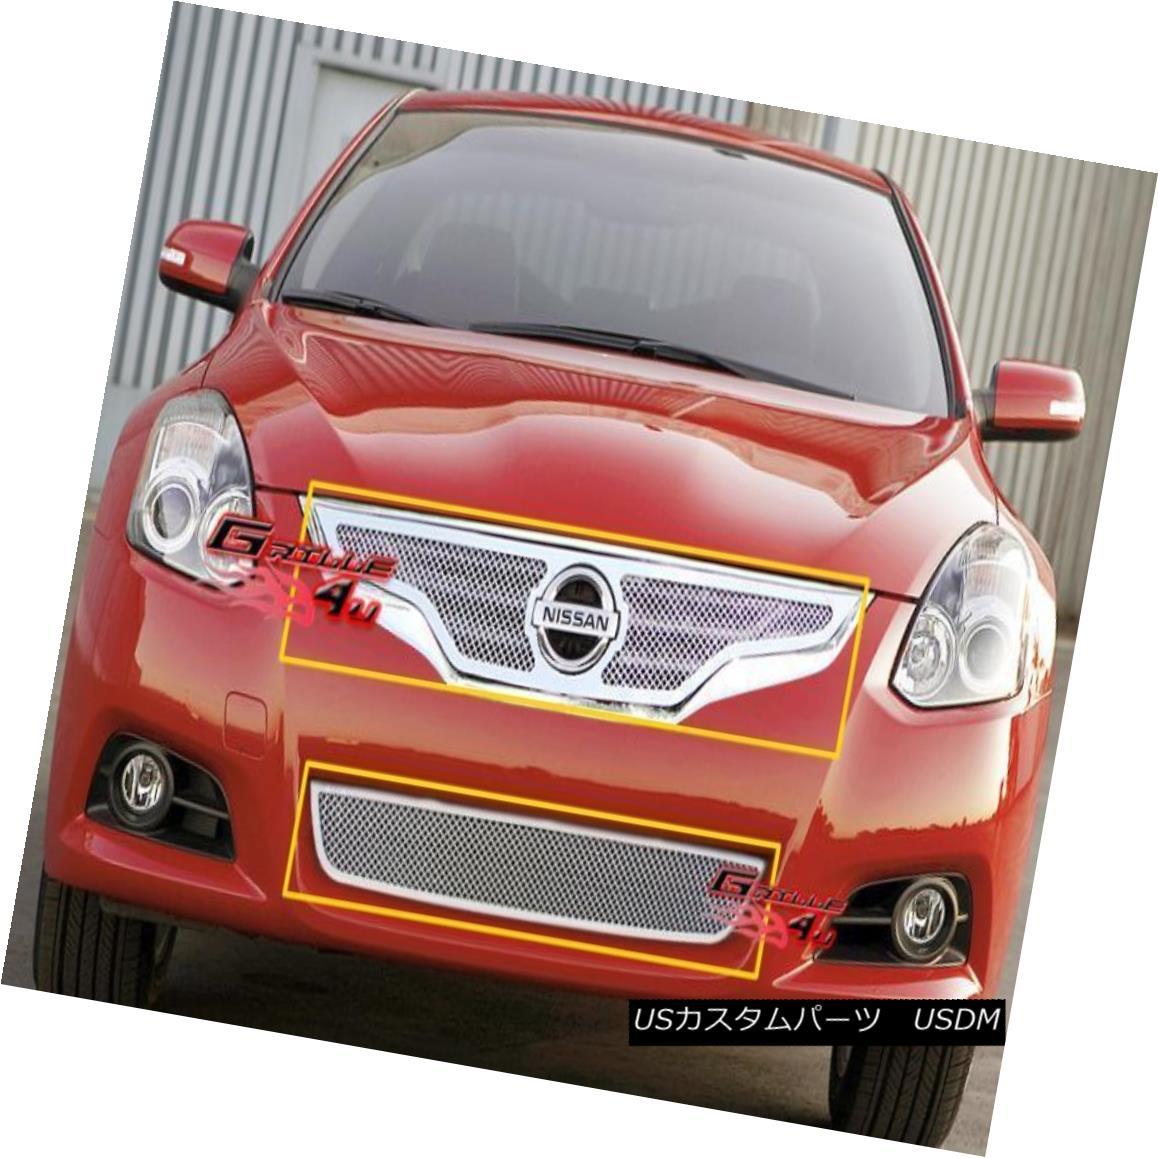 グリル Fits 2010-2012 Nissan Altima Coupe Stainless Steel Mesh Grille Combo Insert フィット2010-2012日産アルティマクーペステンレスメッシュグリルコンボインサート